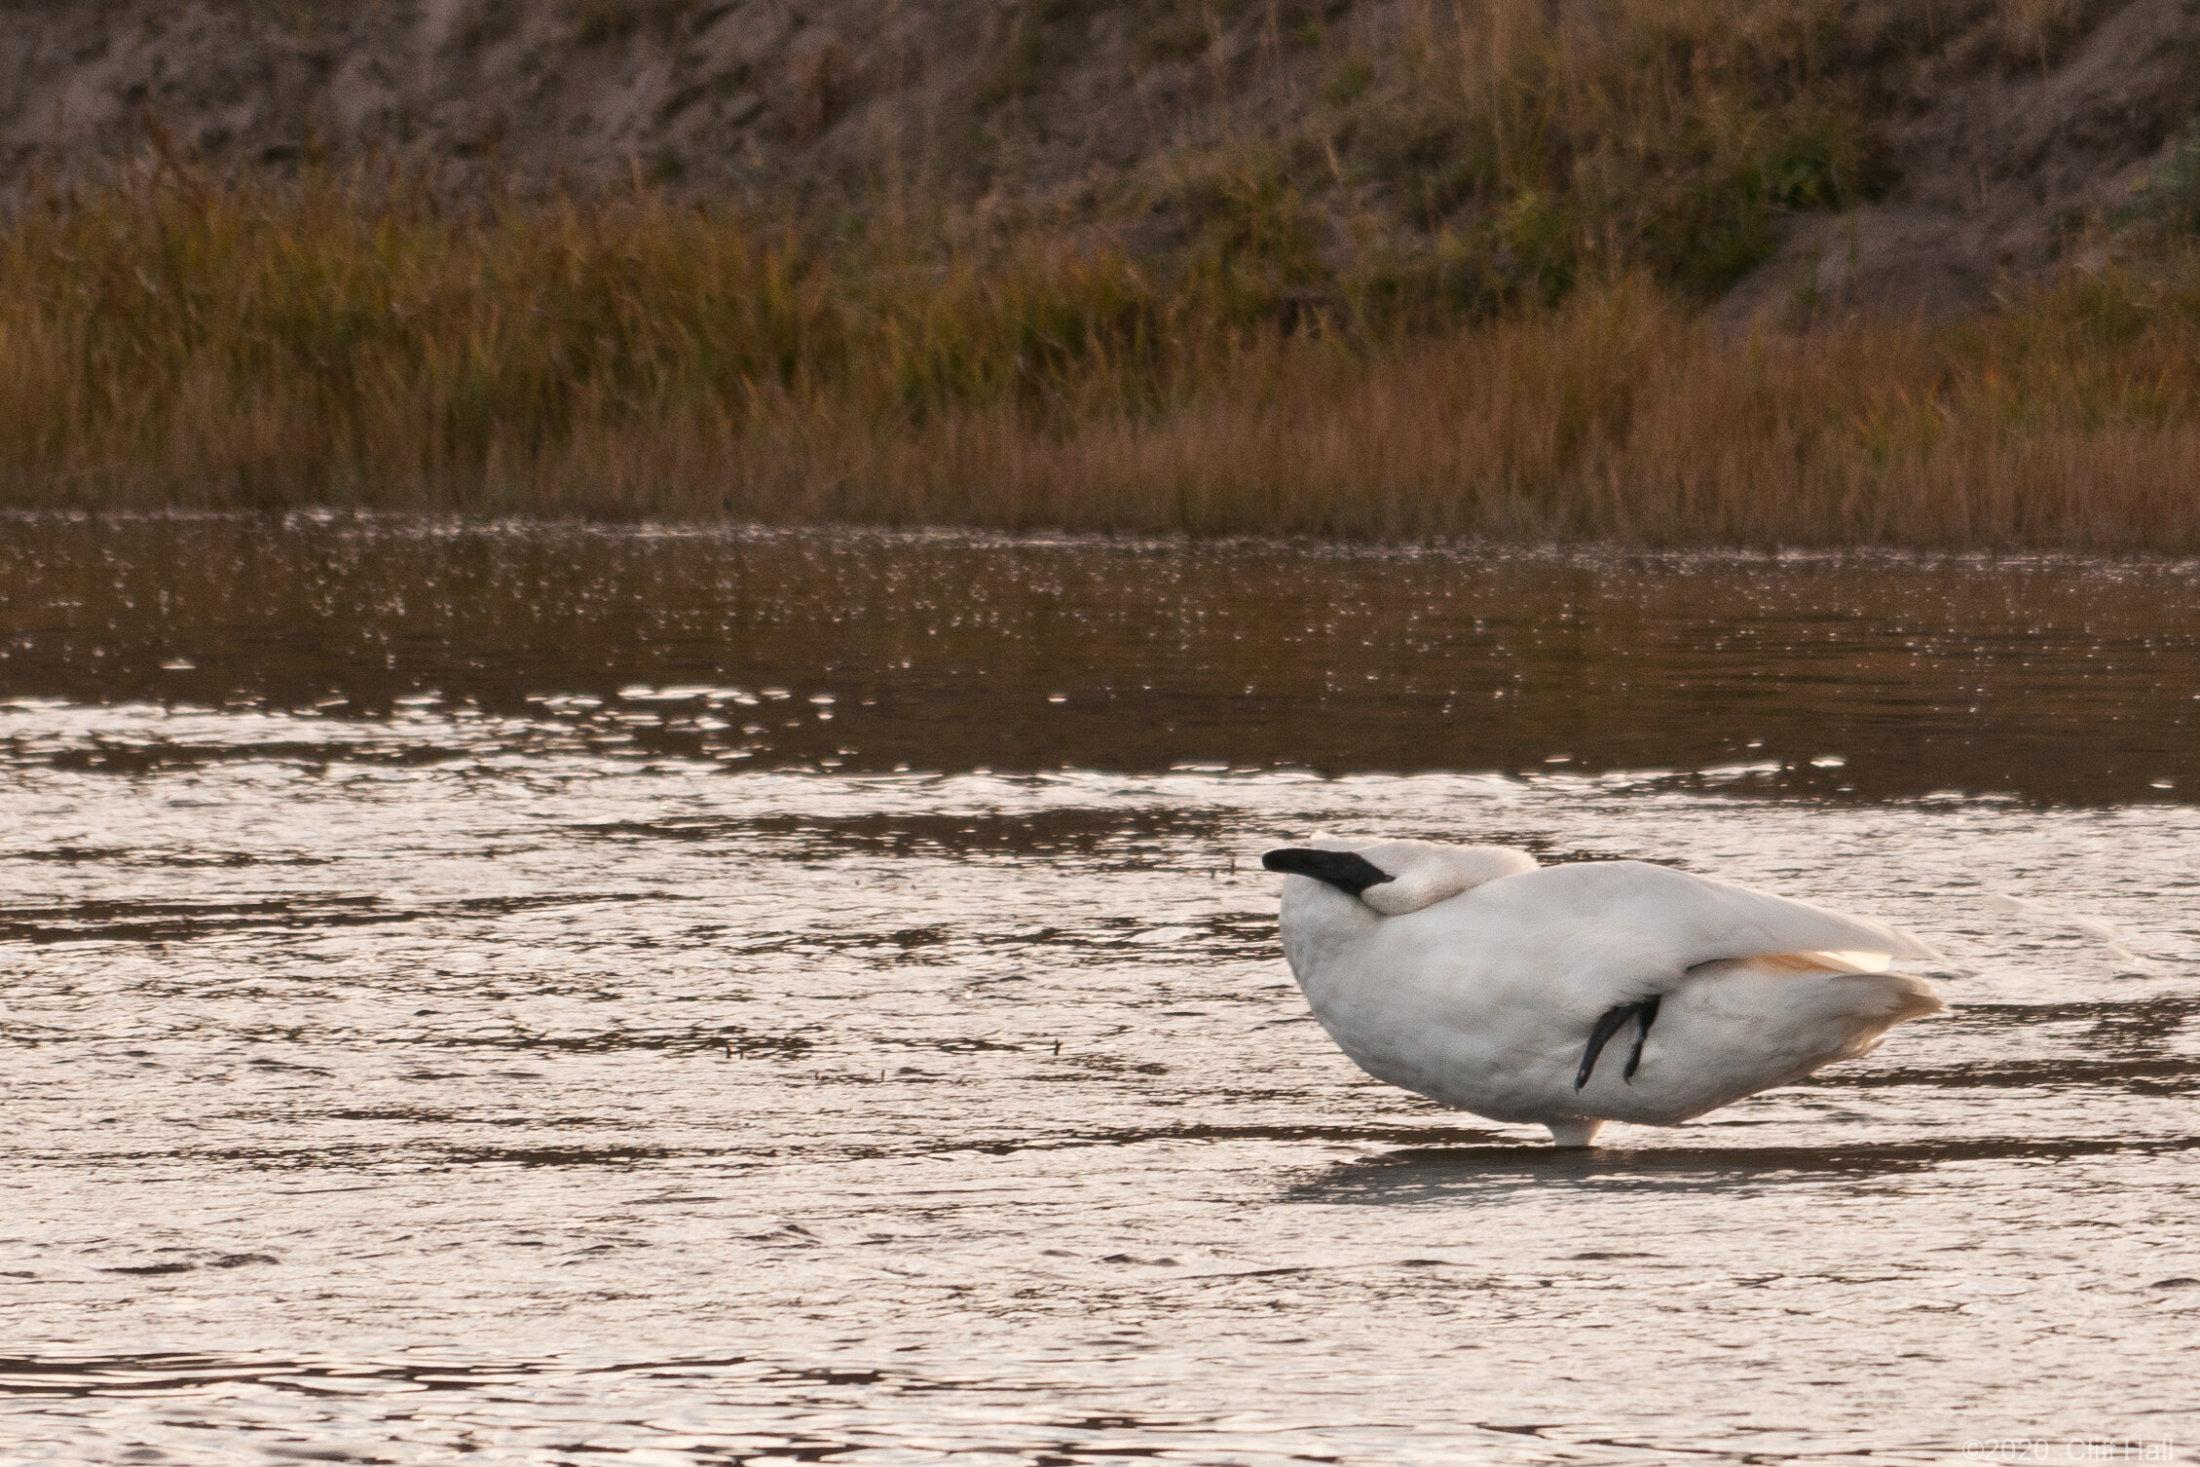 Sleeping Trumpeter Swan on one leg